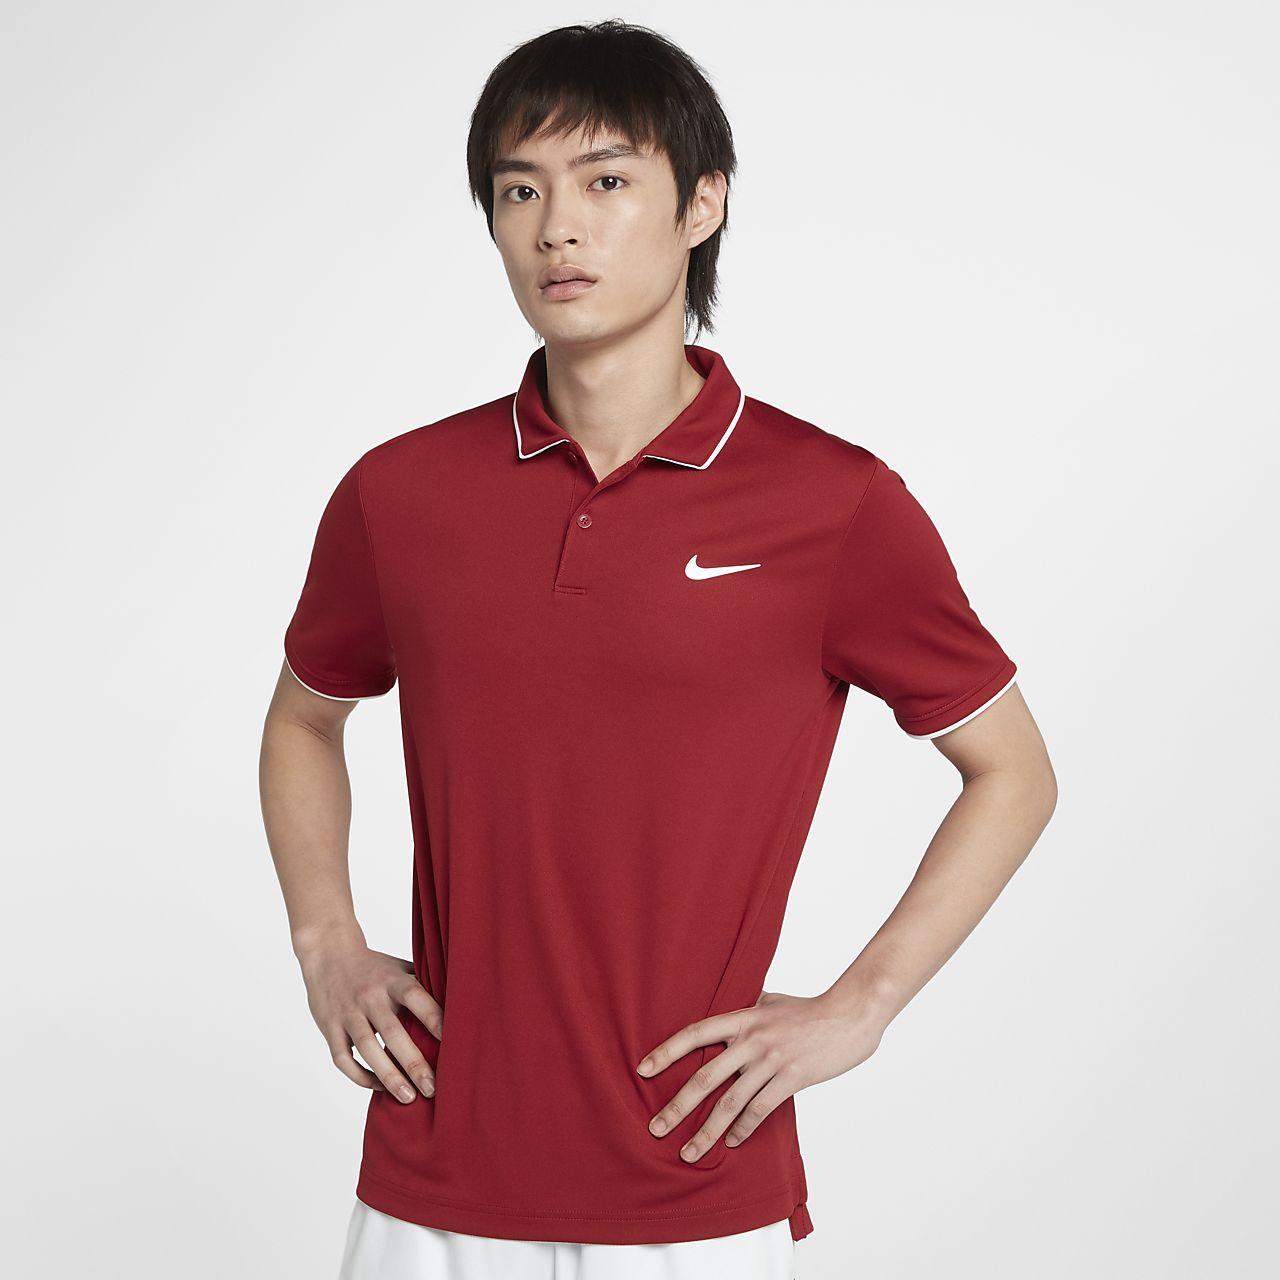 NikeCourt Dri-FIT Team 男子网球翻领T恤